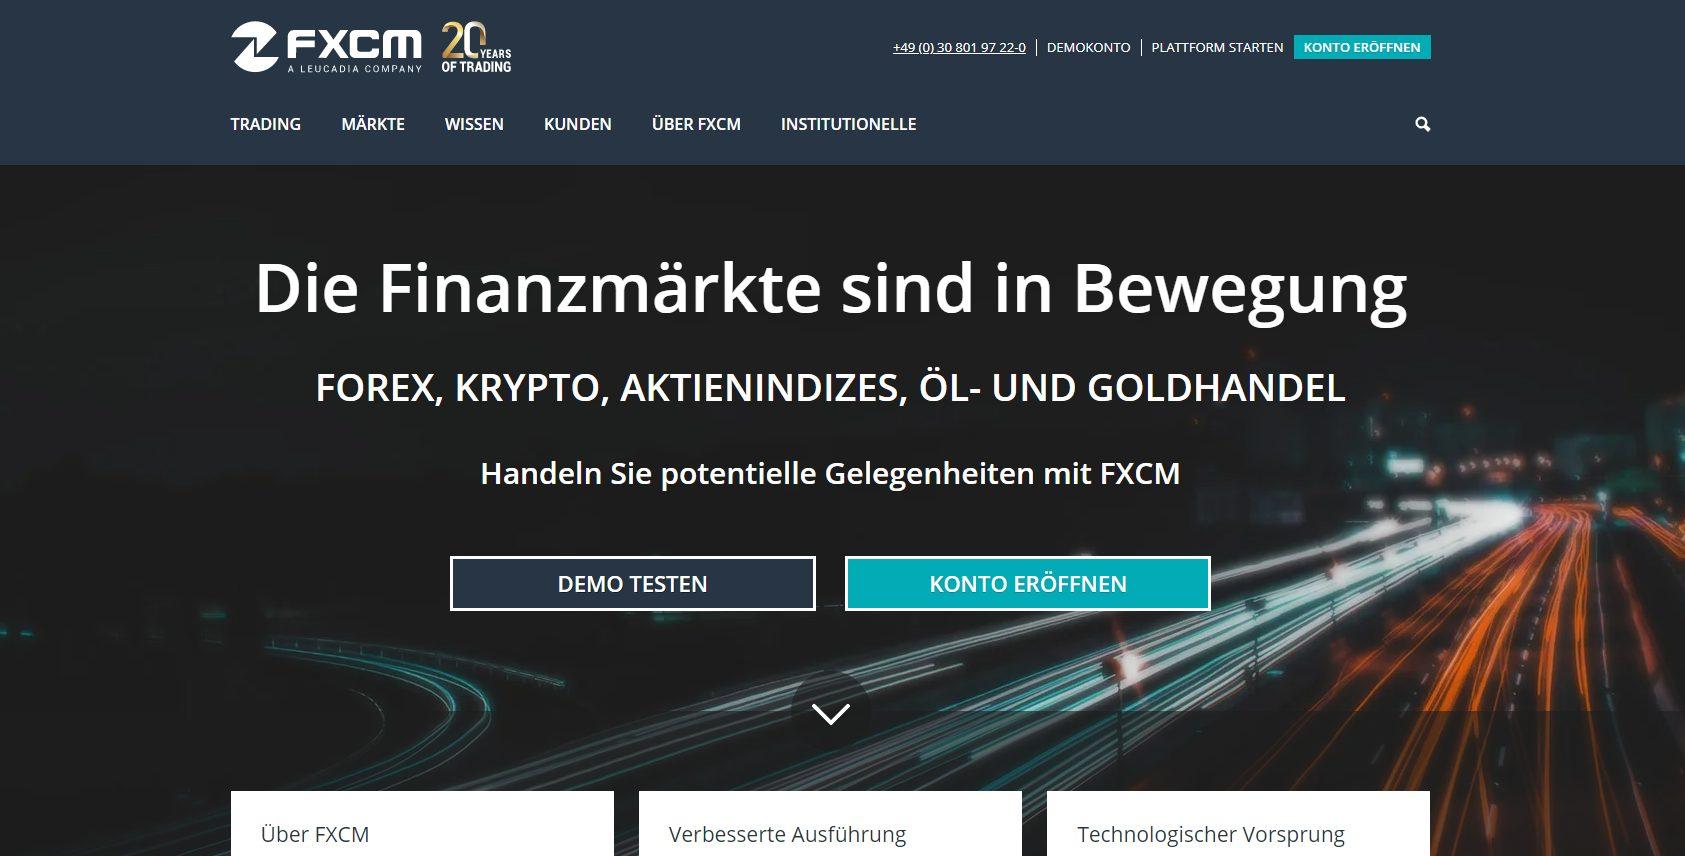 FXCM Webseite (Screenshot)